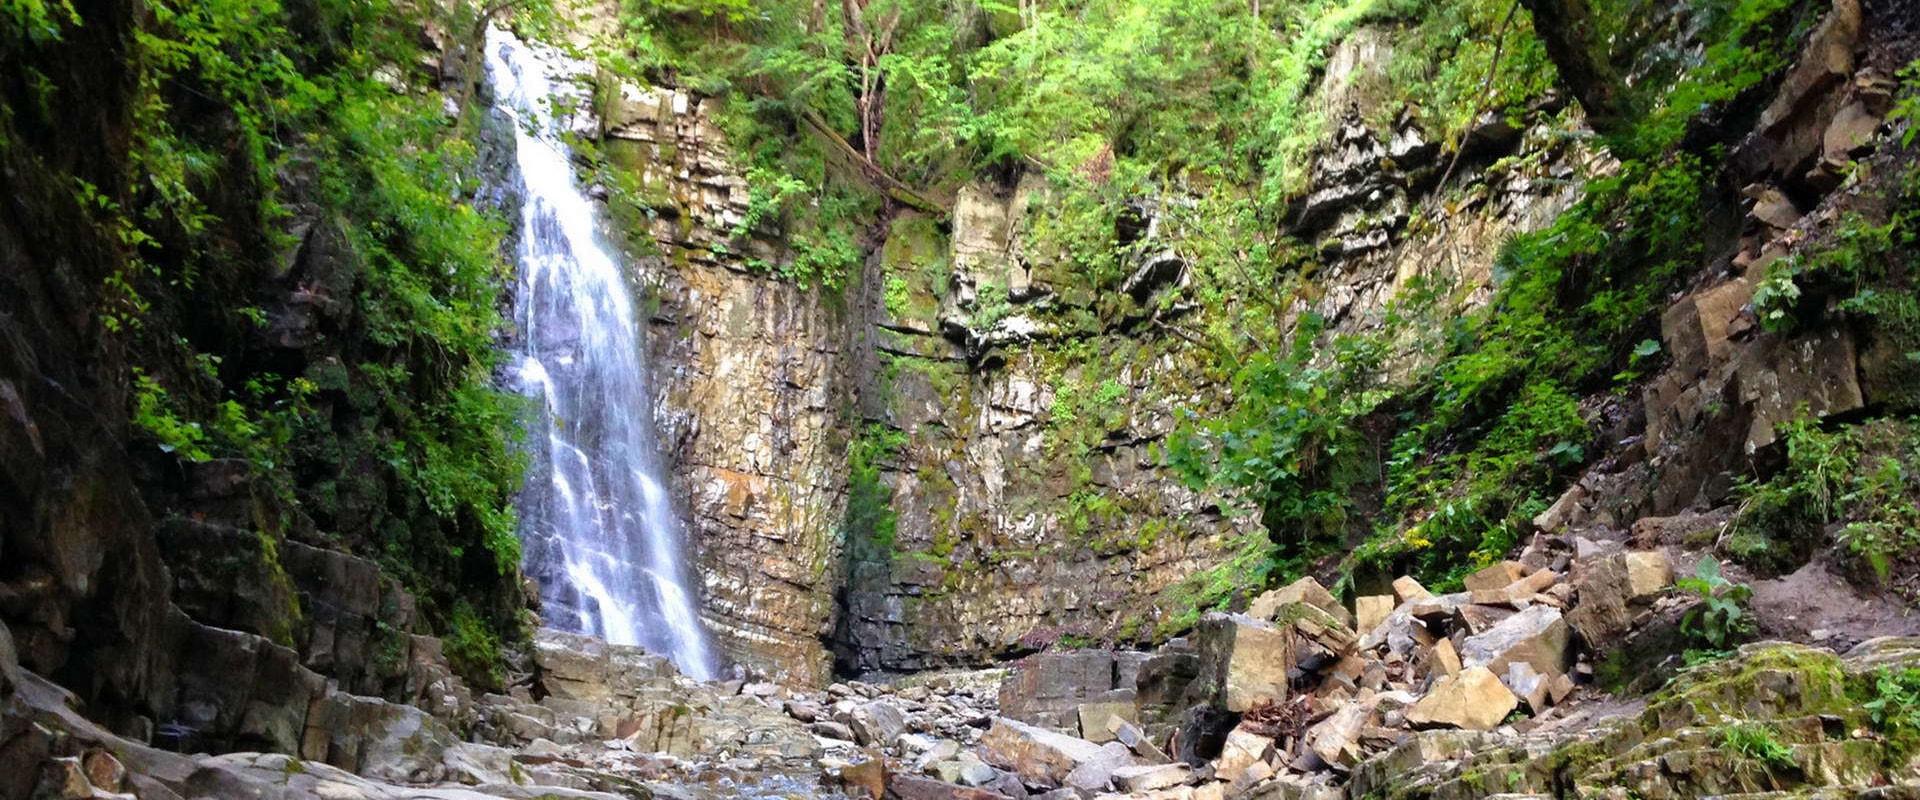 Оцените красоту карпатских водопадов!